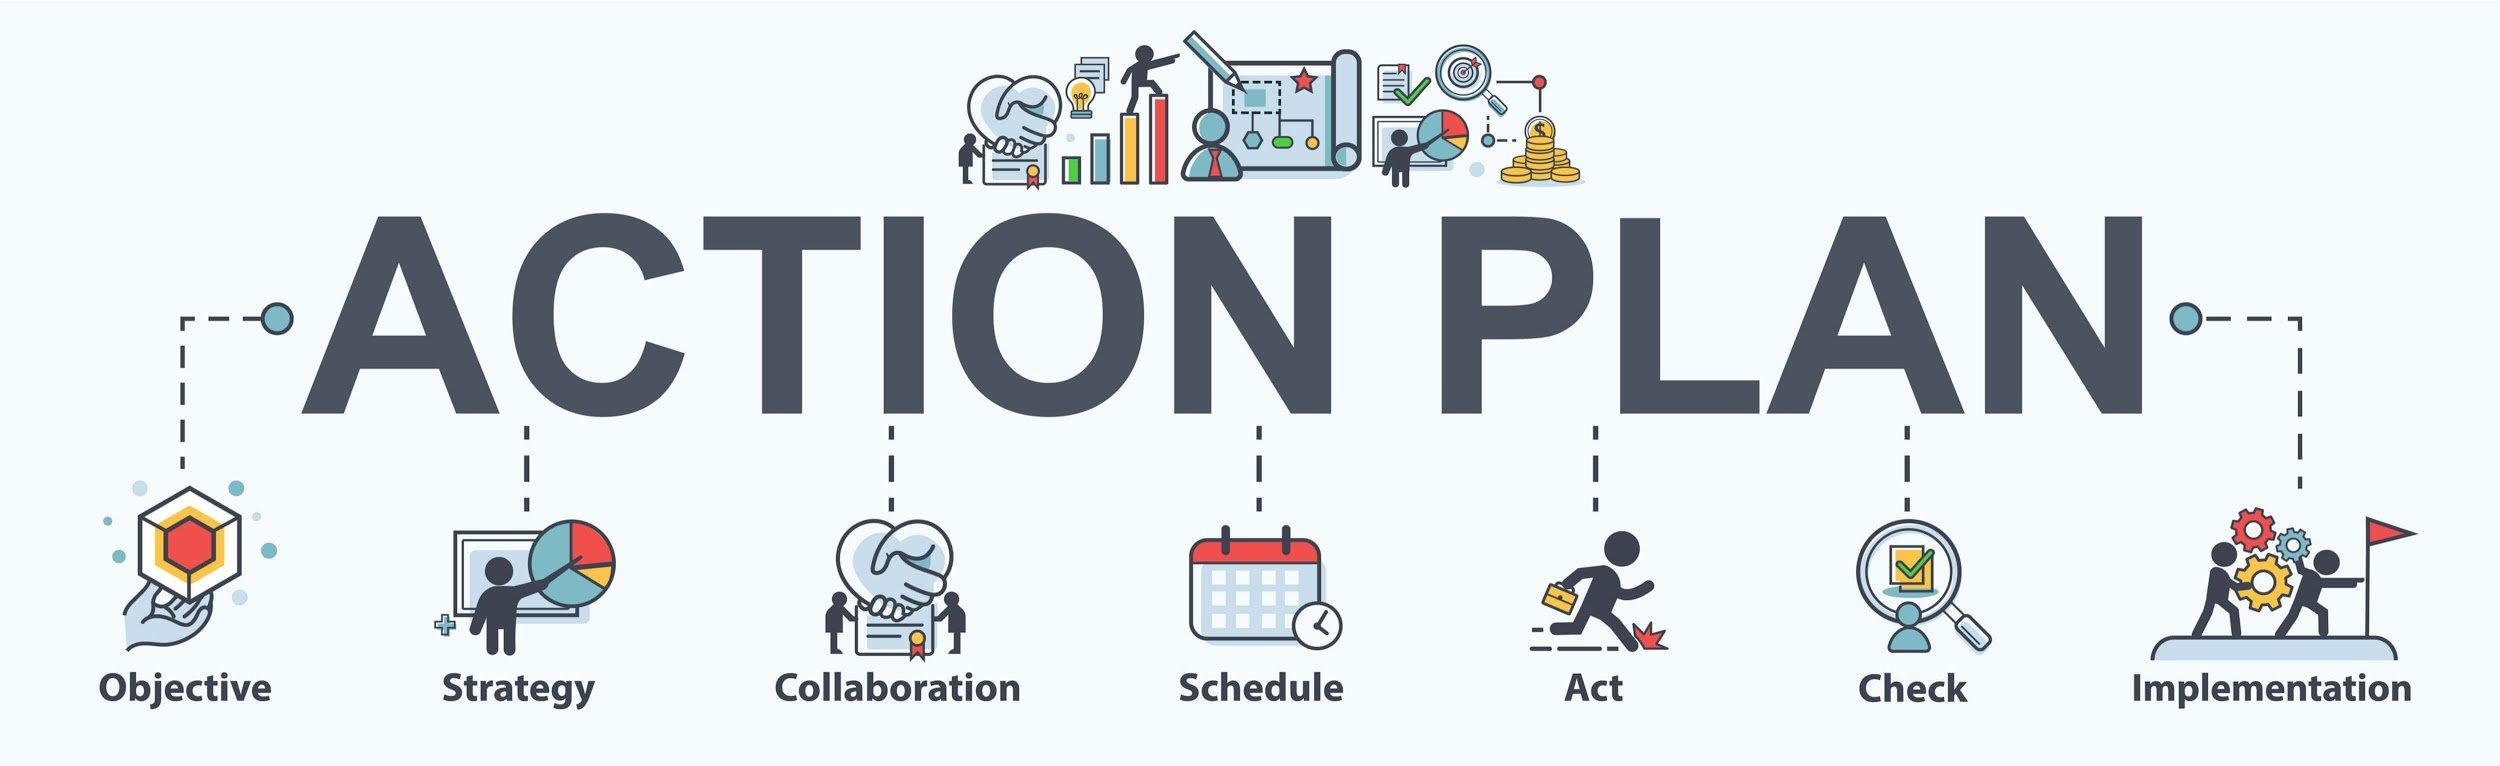 ilustração de elementos para um bom plano de ação